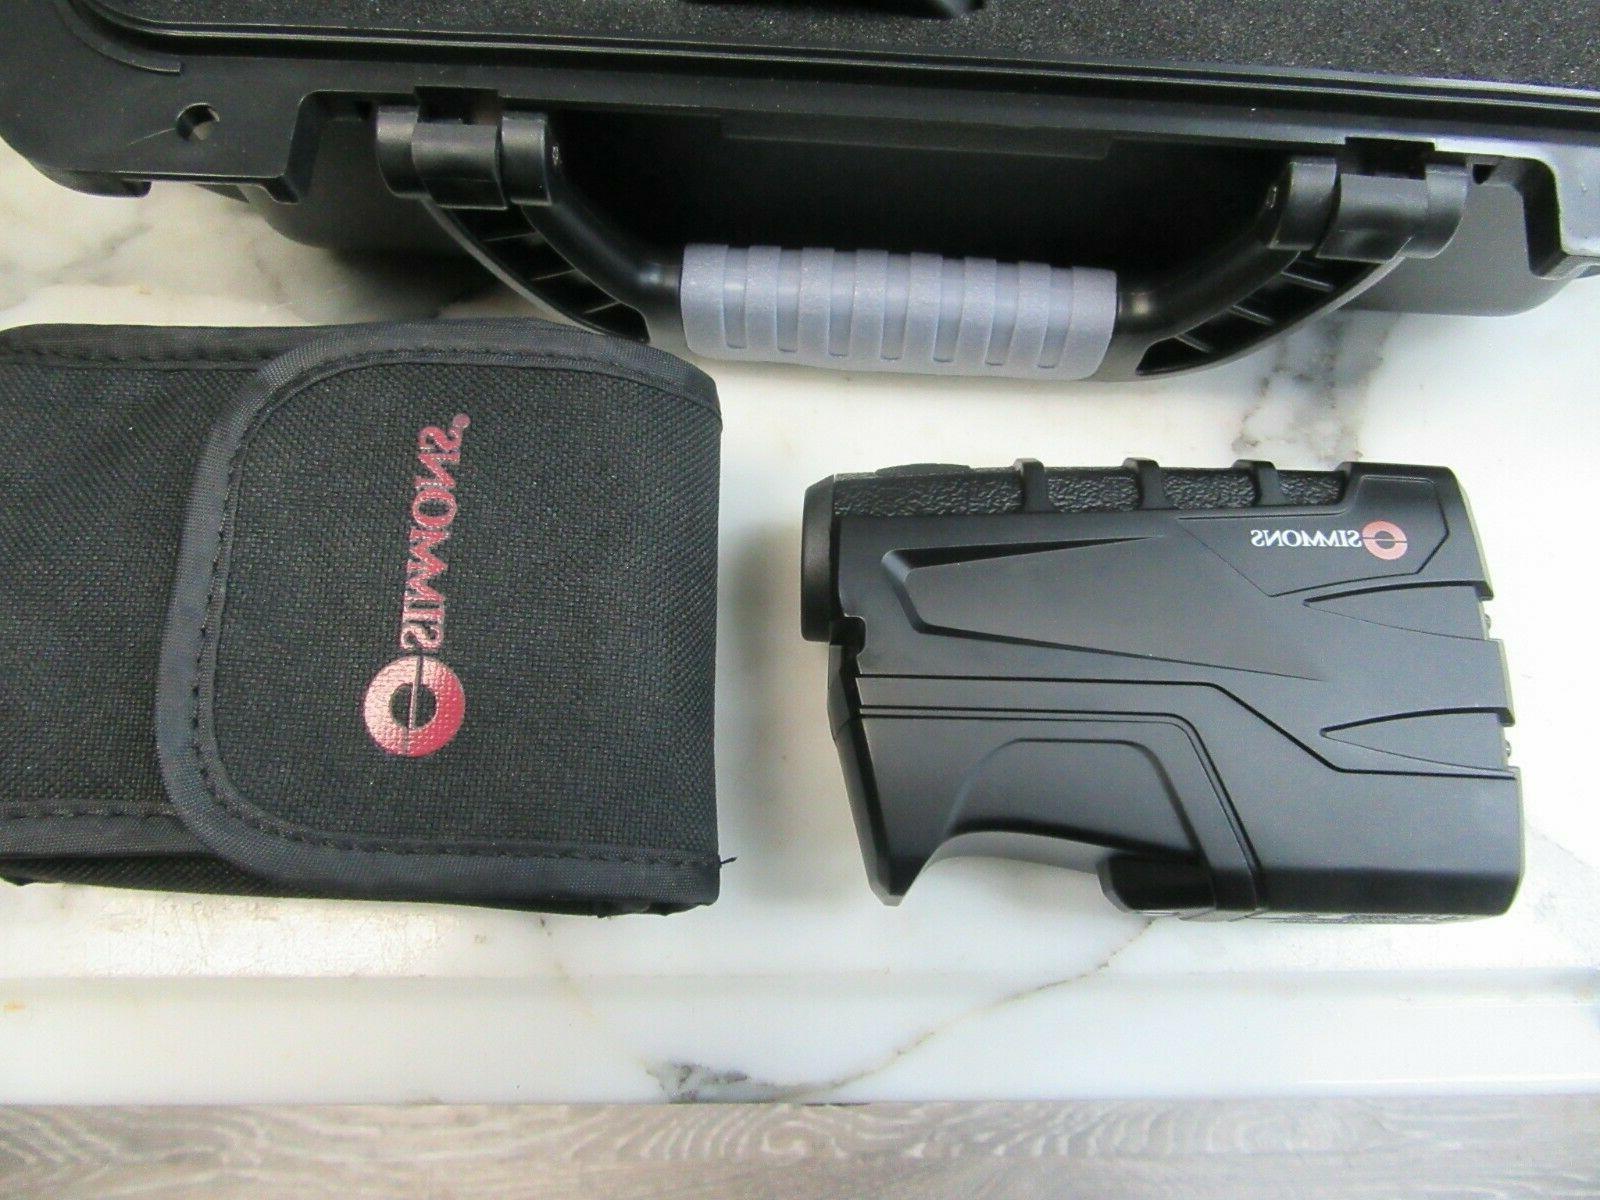 Simmons Laser Rangefinder Rangefinder